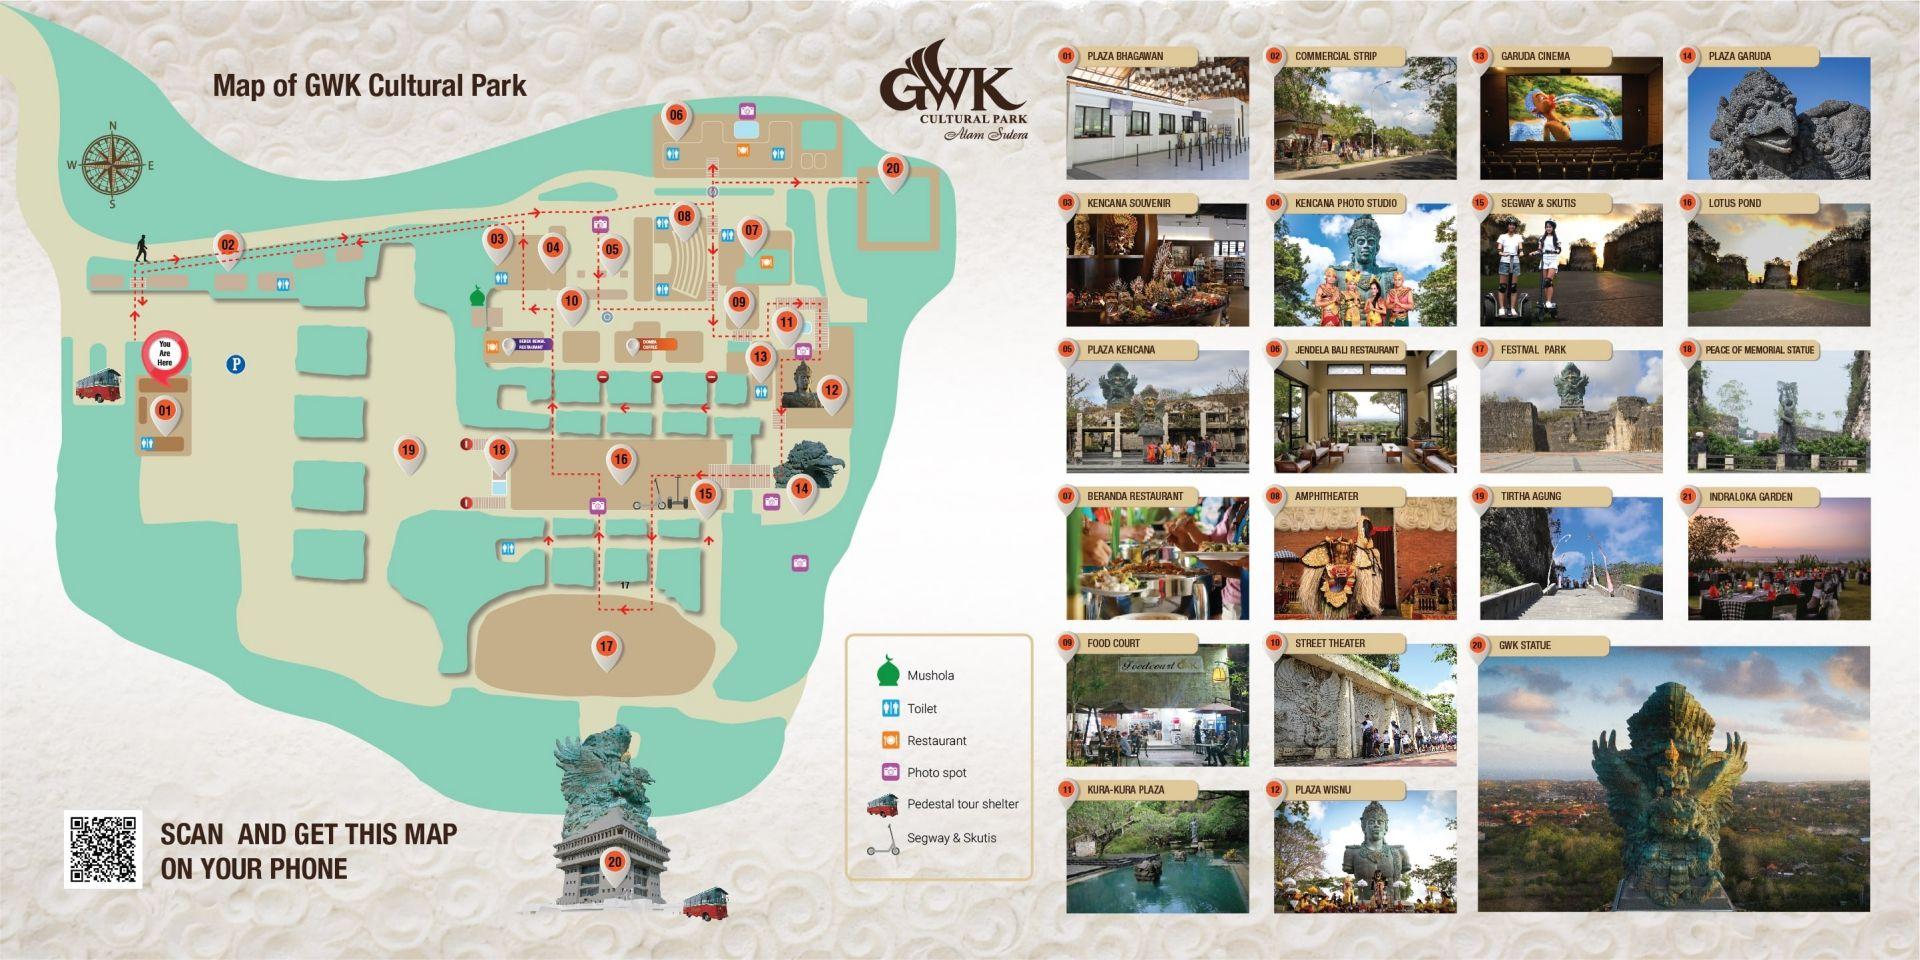 5-garuda-wisnu-kencana-map-karte-sehenswuerdigkeiten-kulturpark-bali